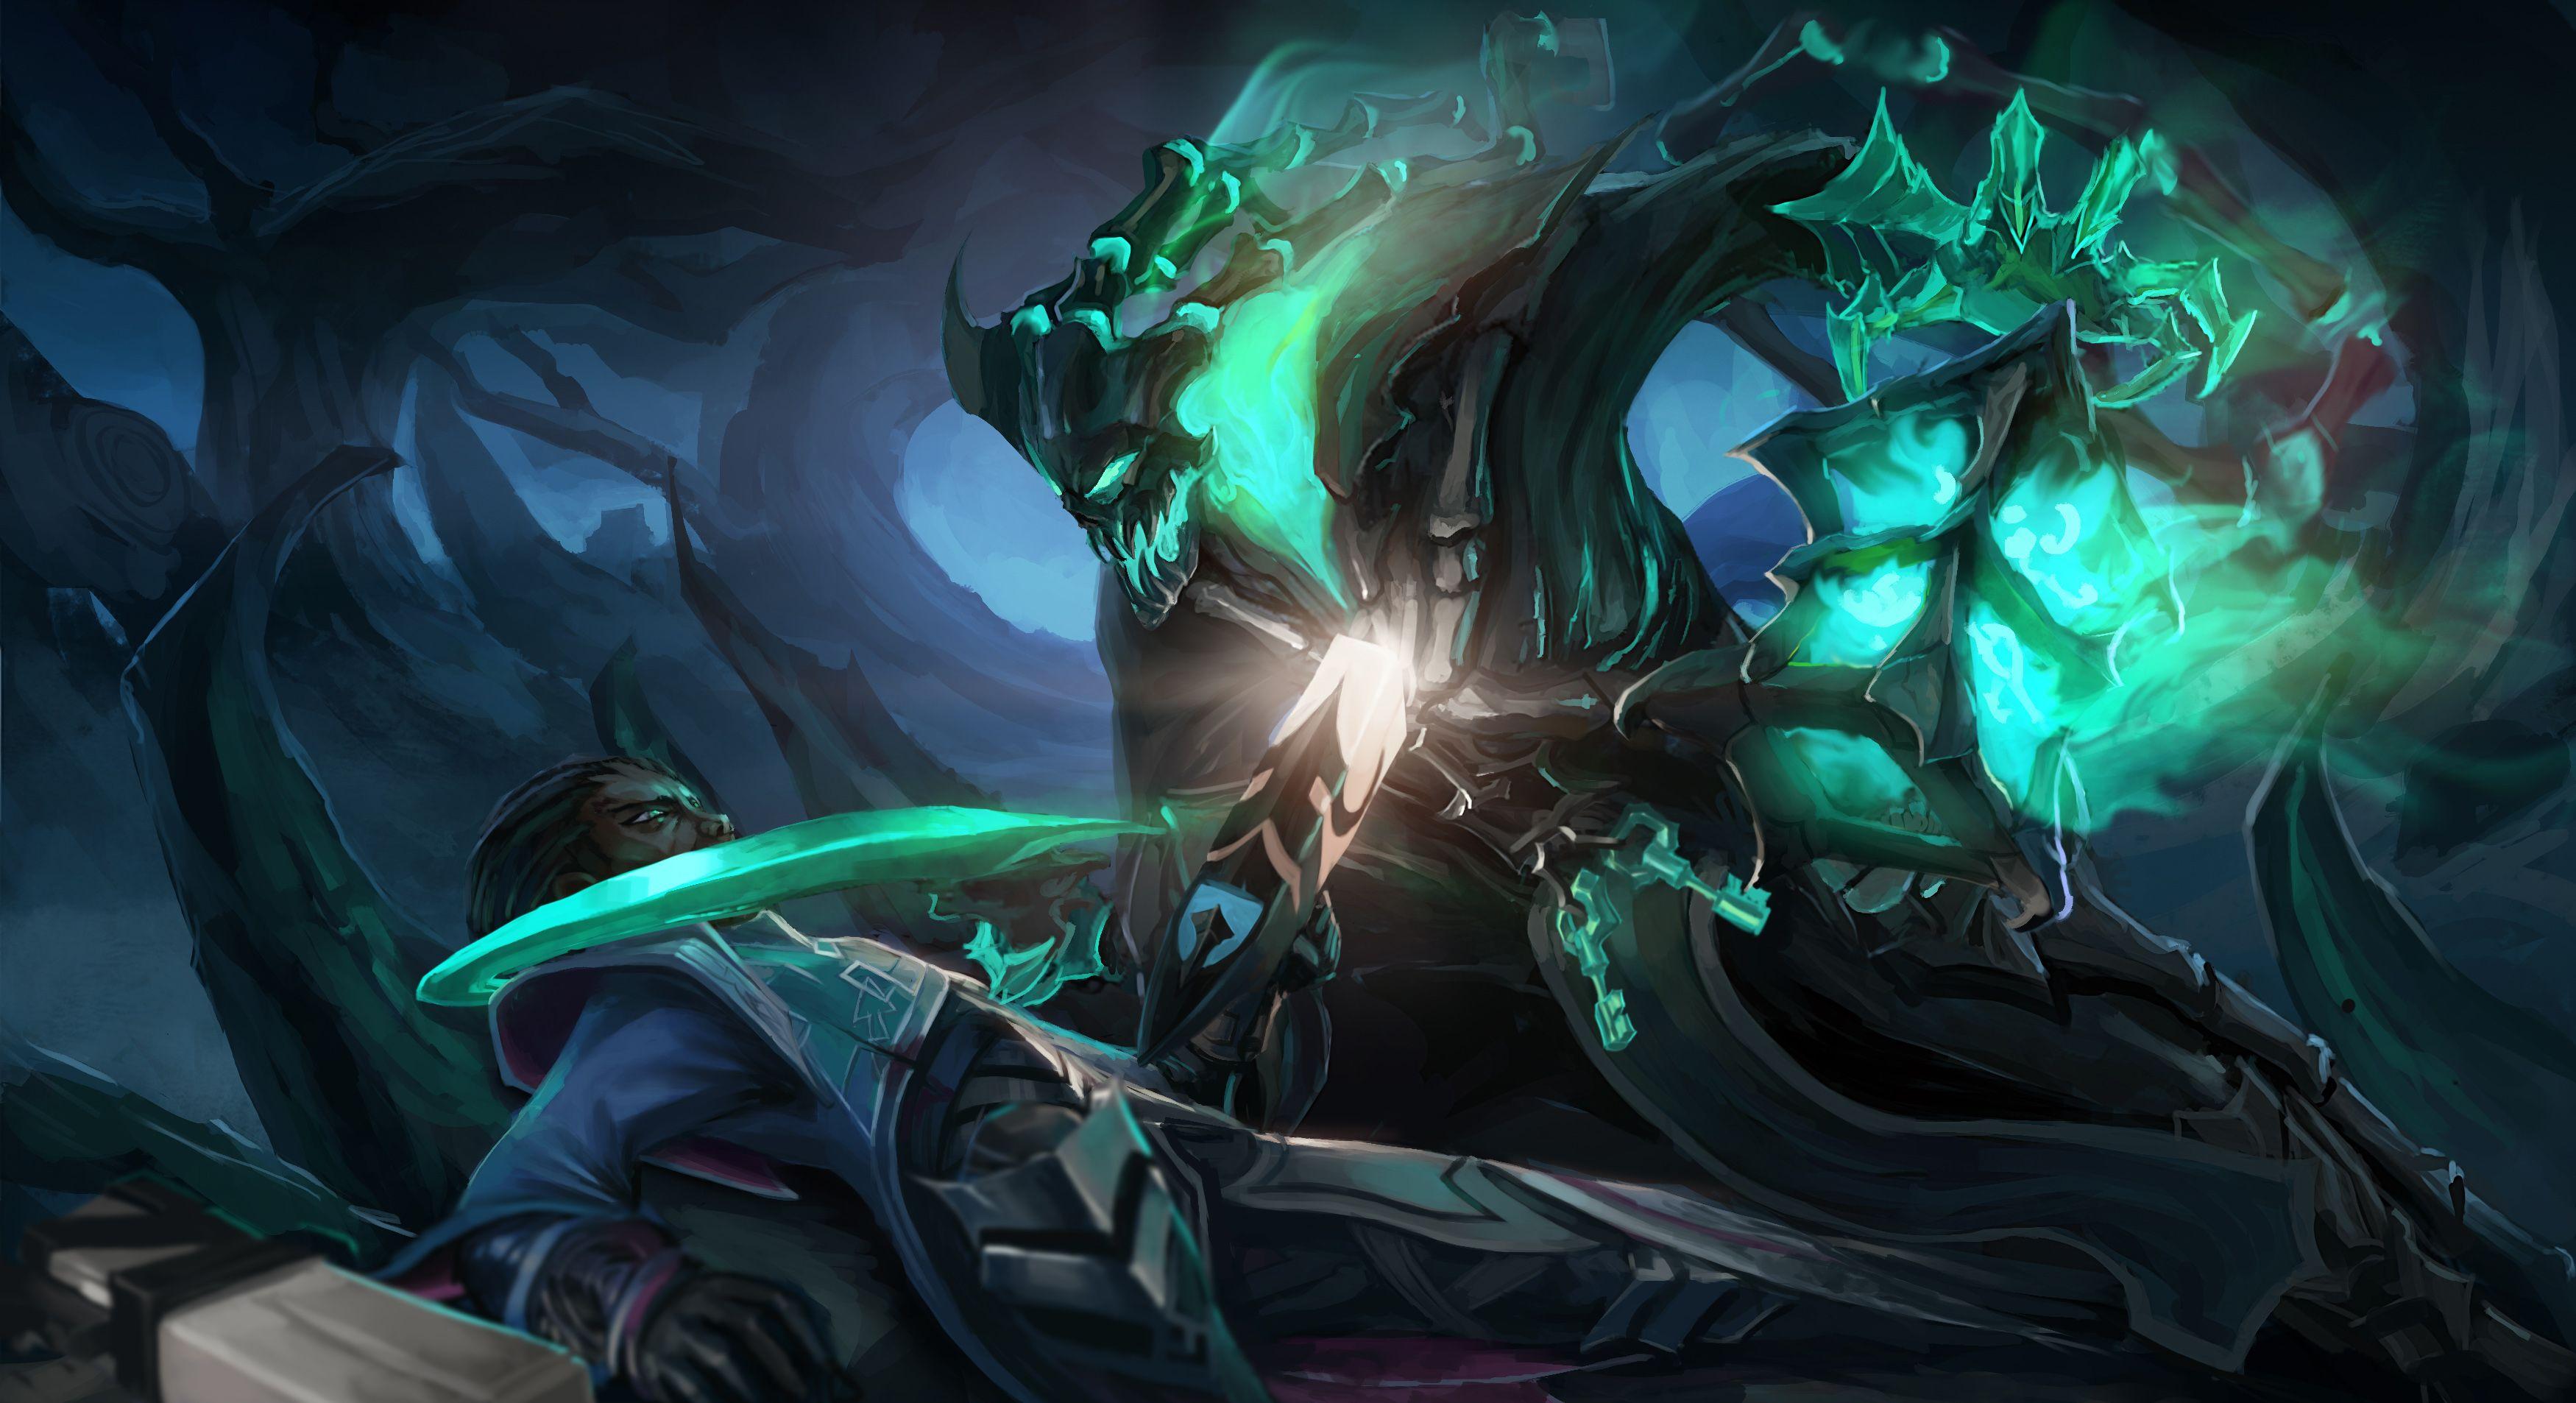 League Of Legends Lucian Images Lol League Of Legends League Of Legends Game League Of Legends